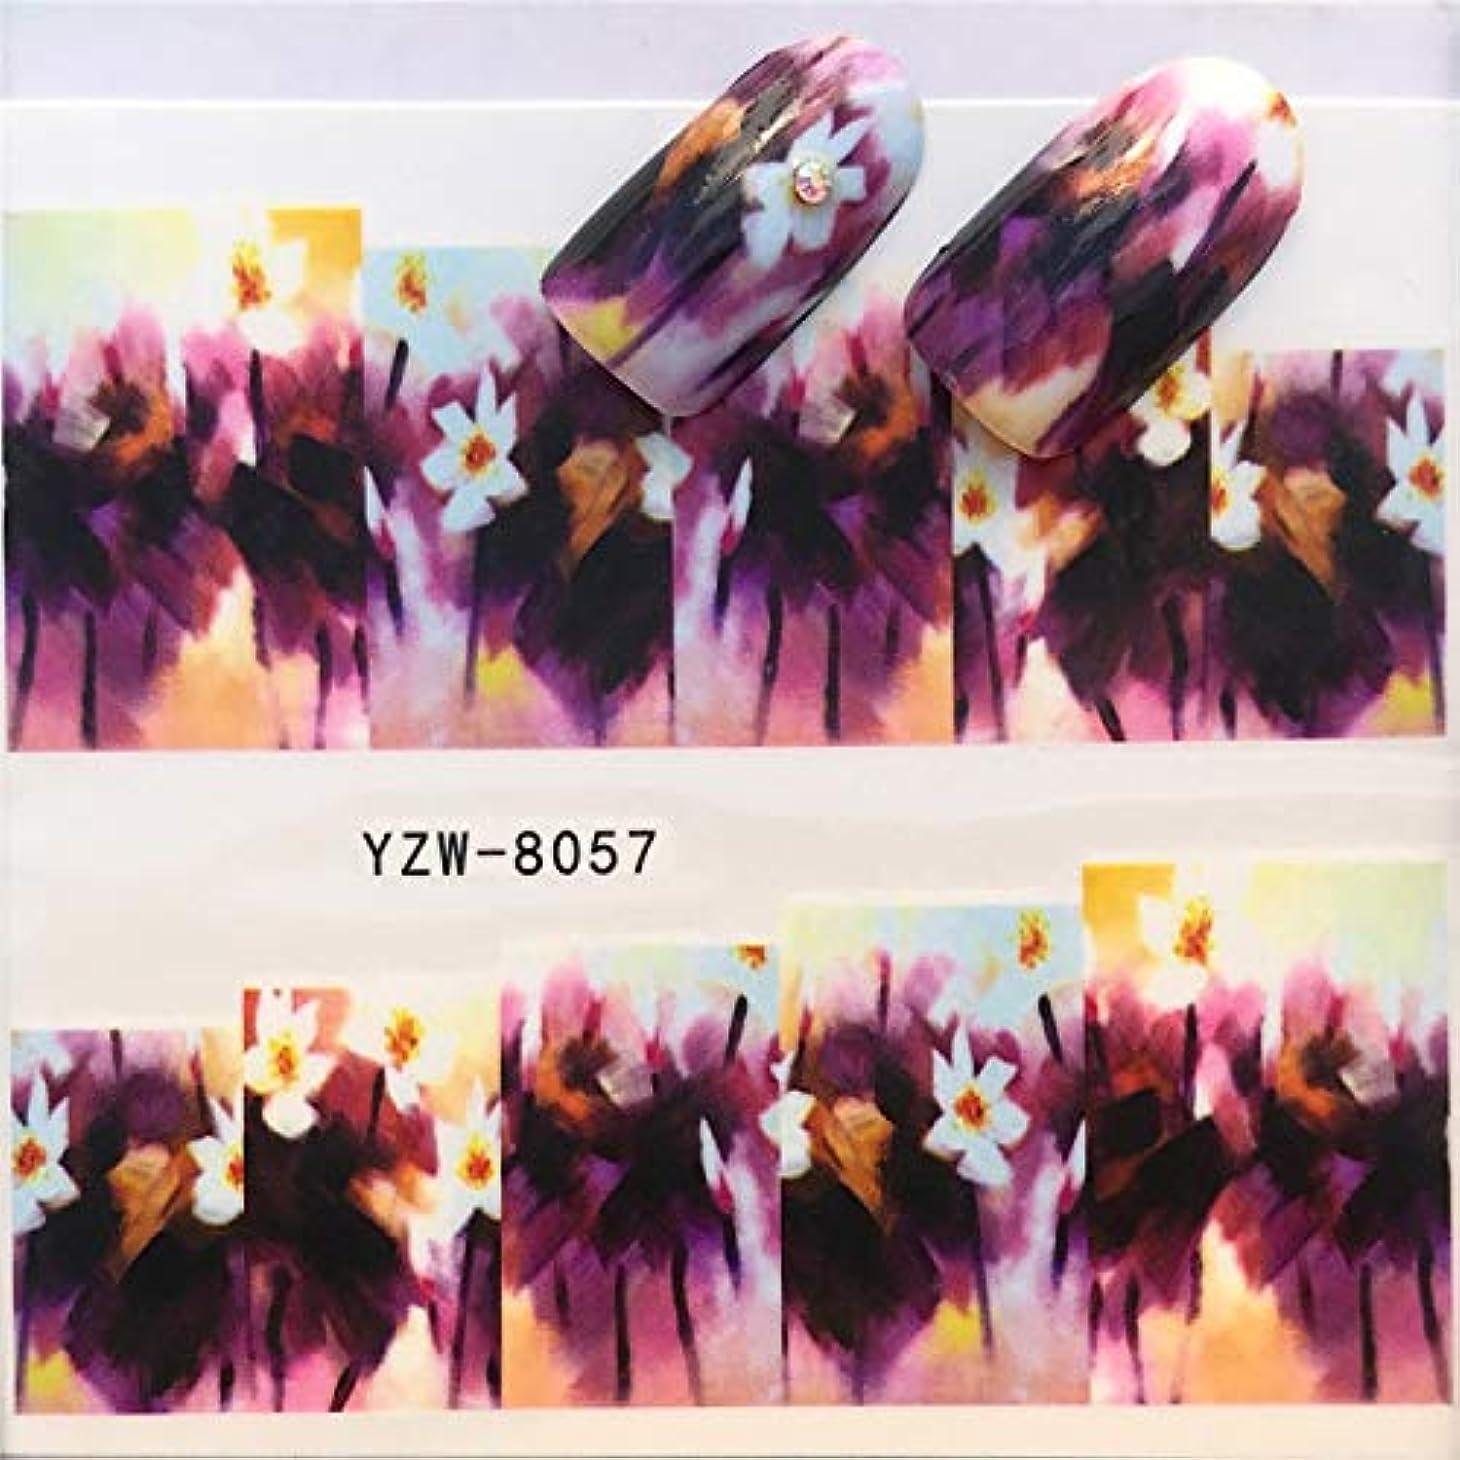 チャット朝診療所MEI1JIA CELINEZL 3ピースネイルステッカーセットデカールウォータースライダースライダーネイルアートデコレーション、色:YZW8057